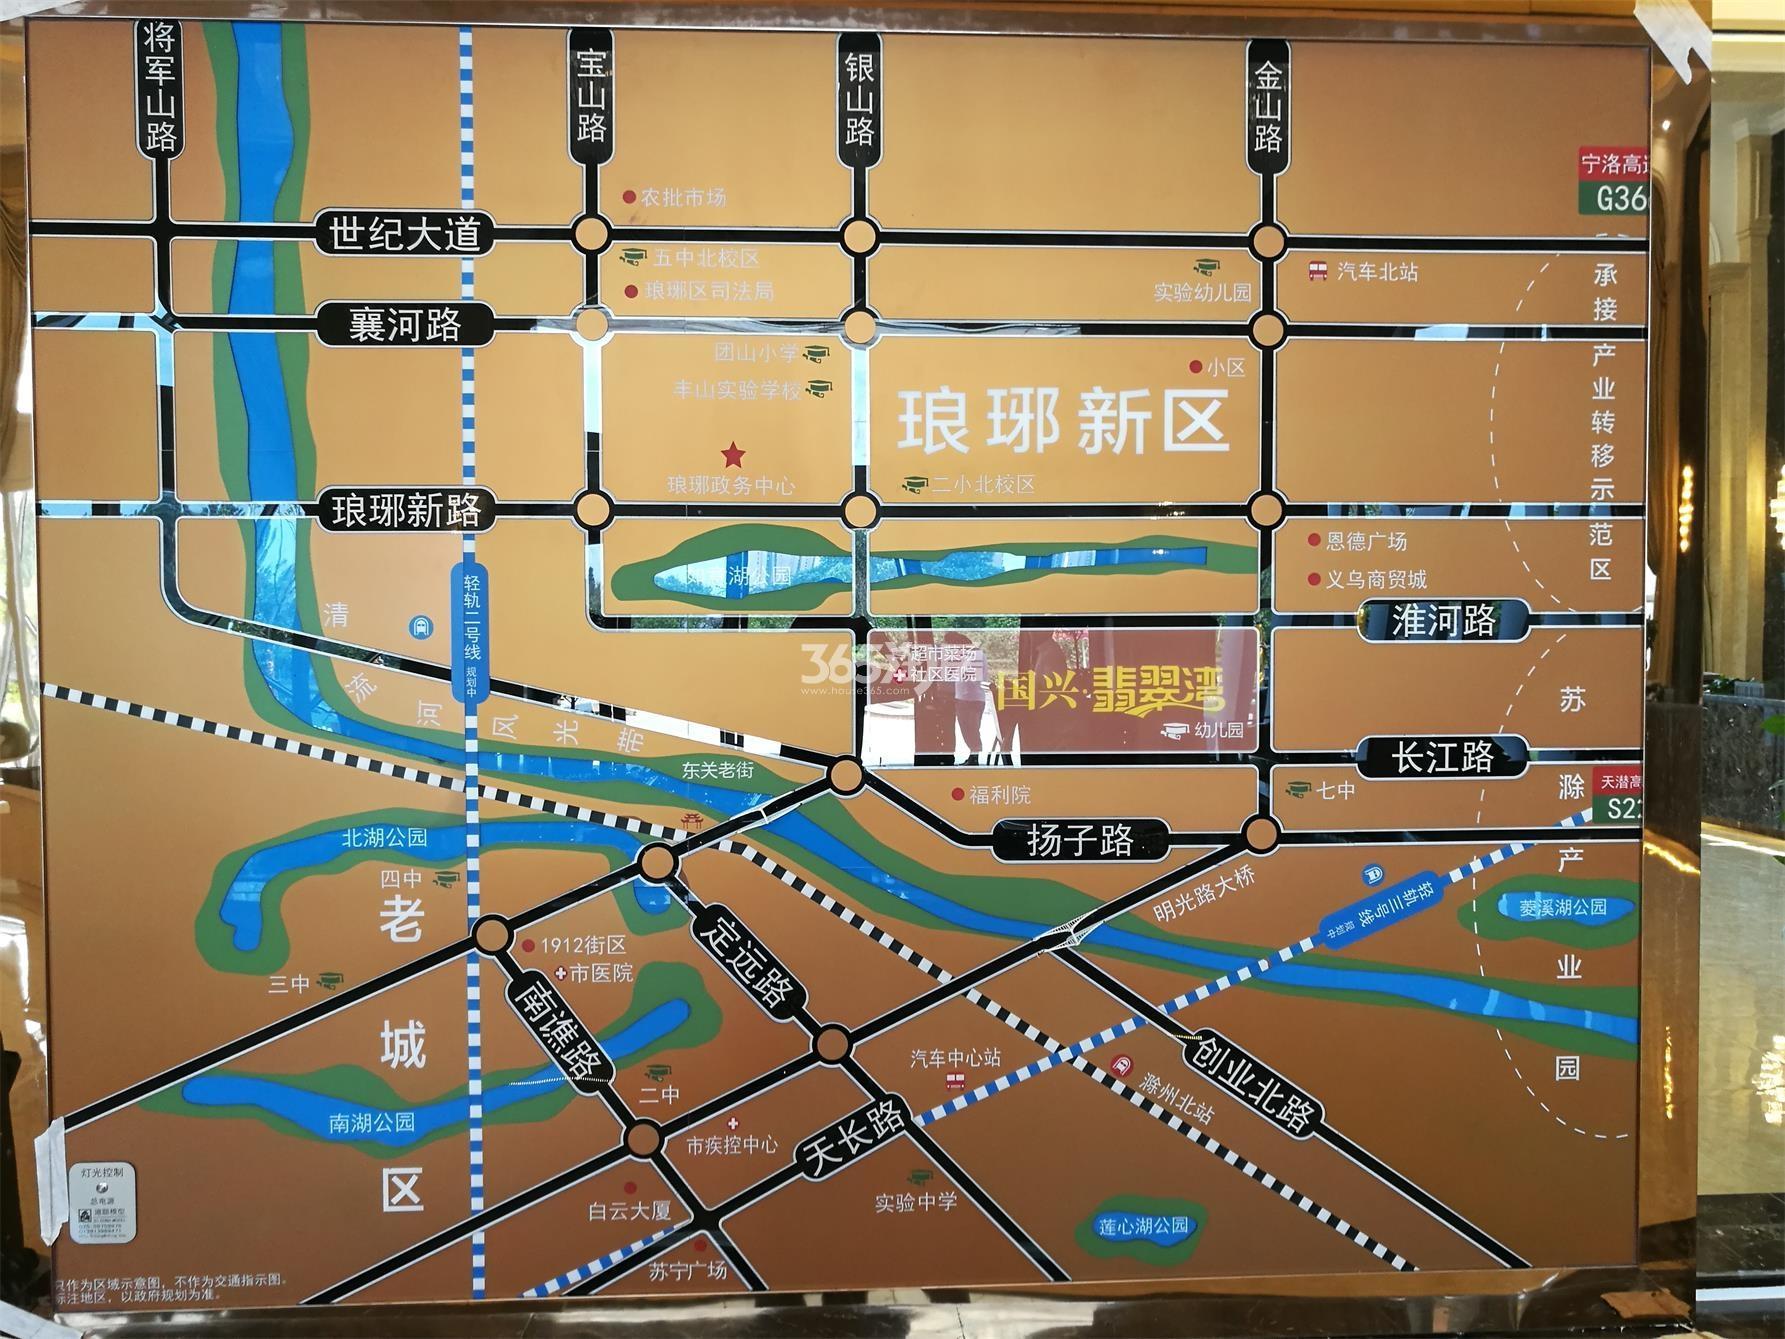 国兴翡翠湾交通图